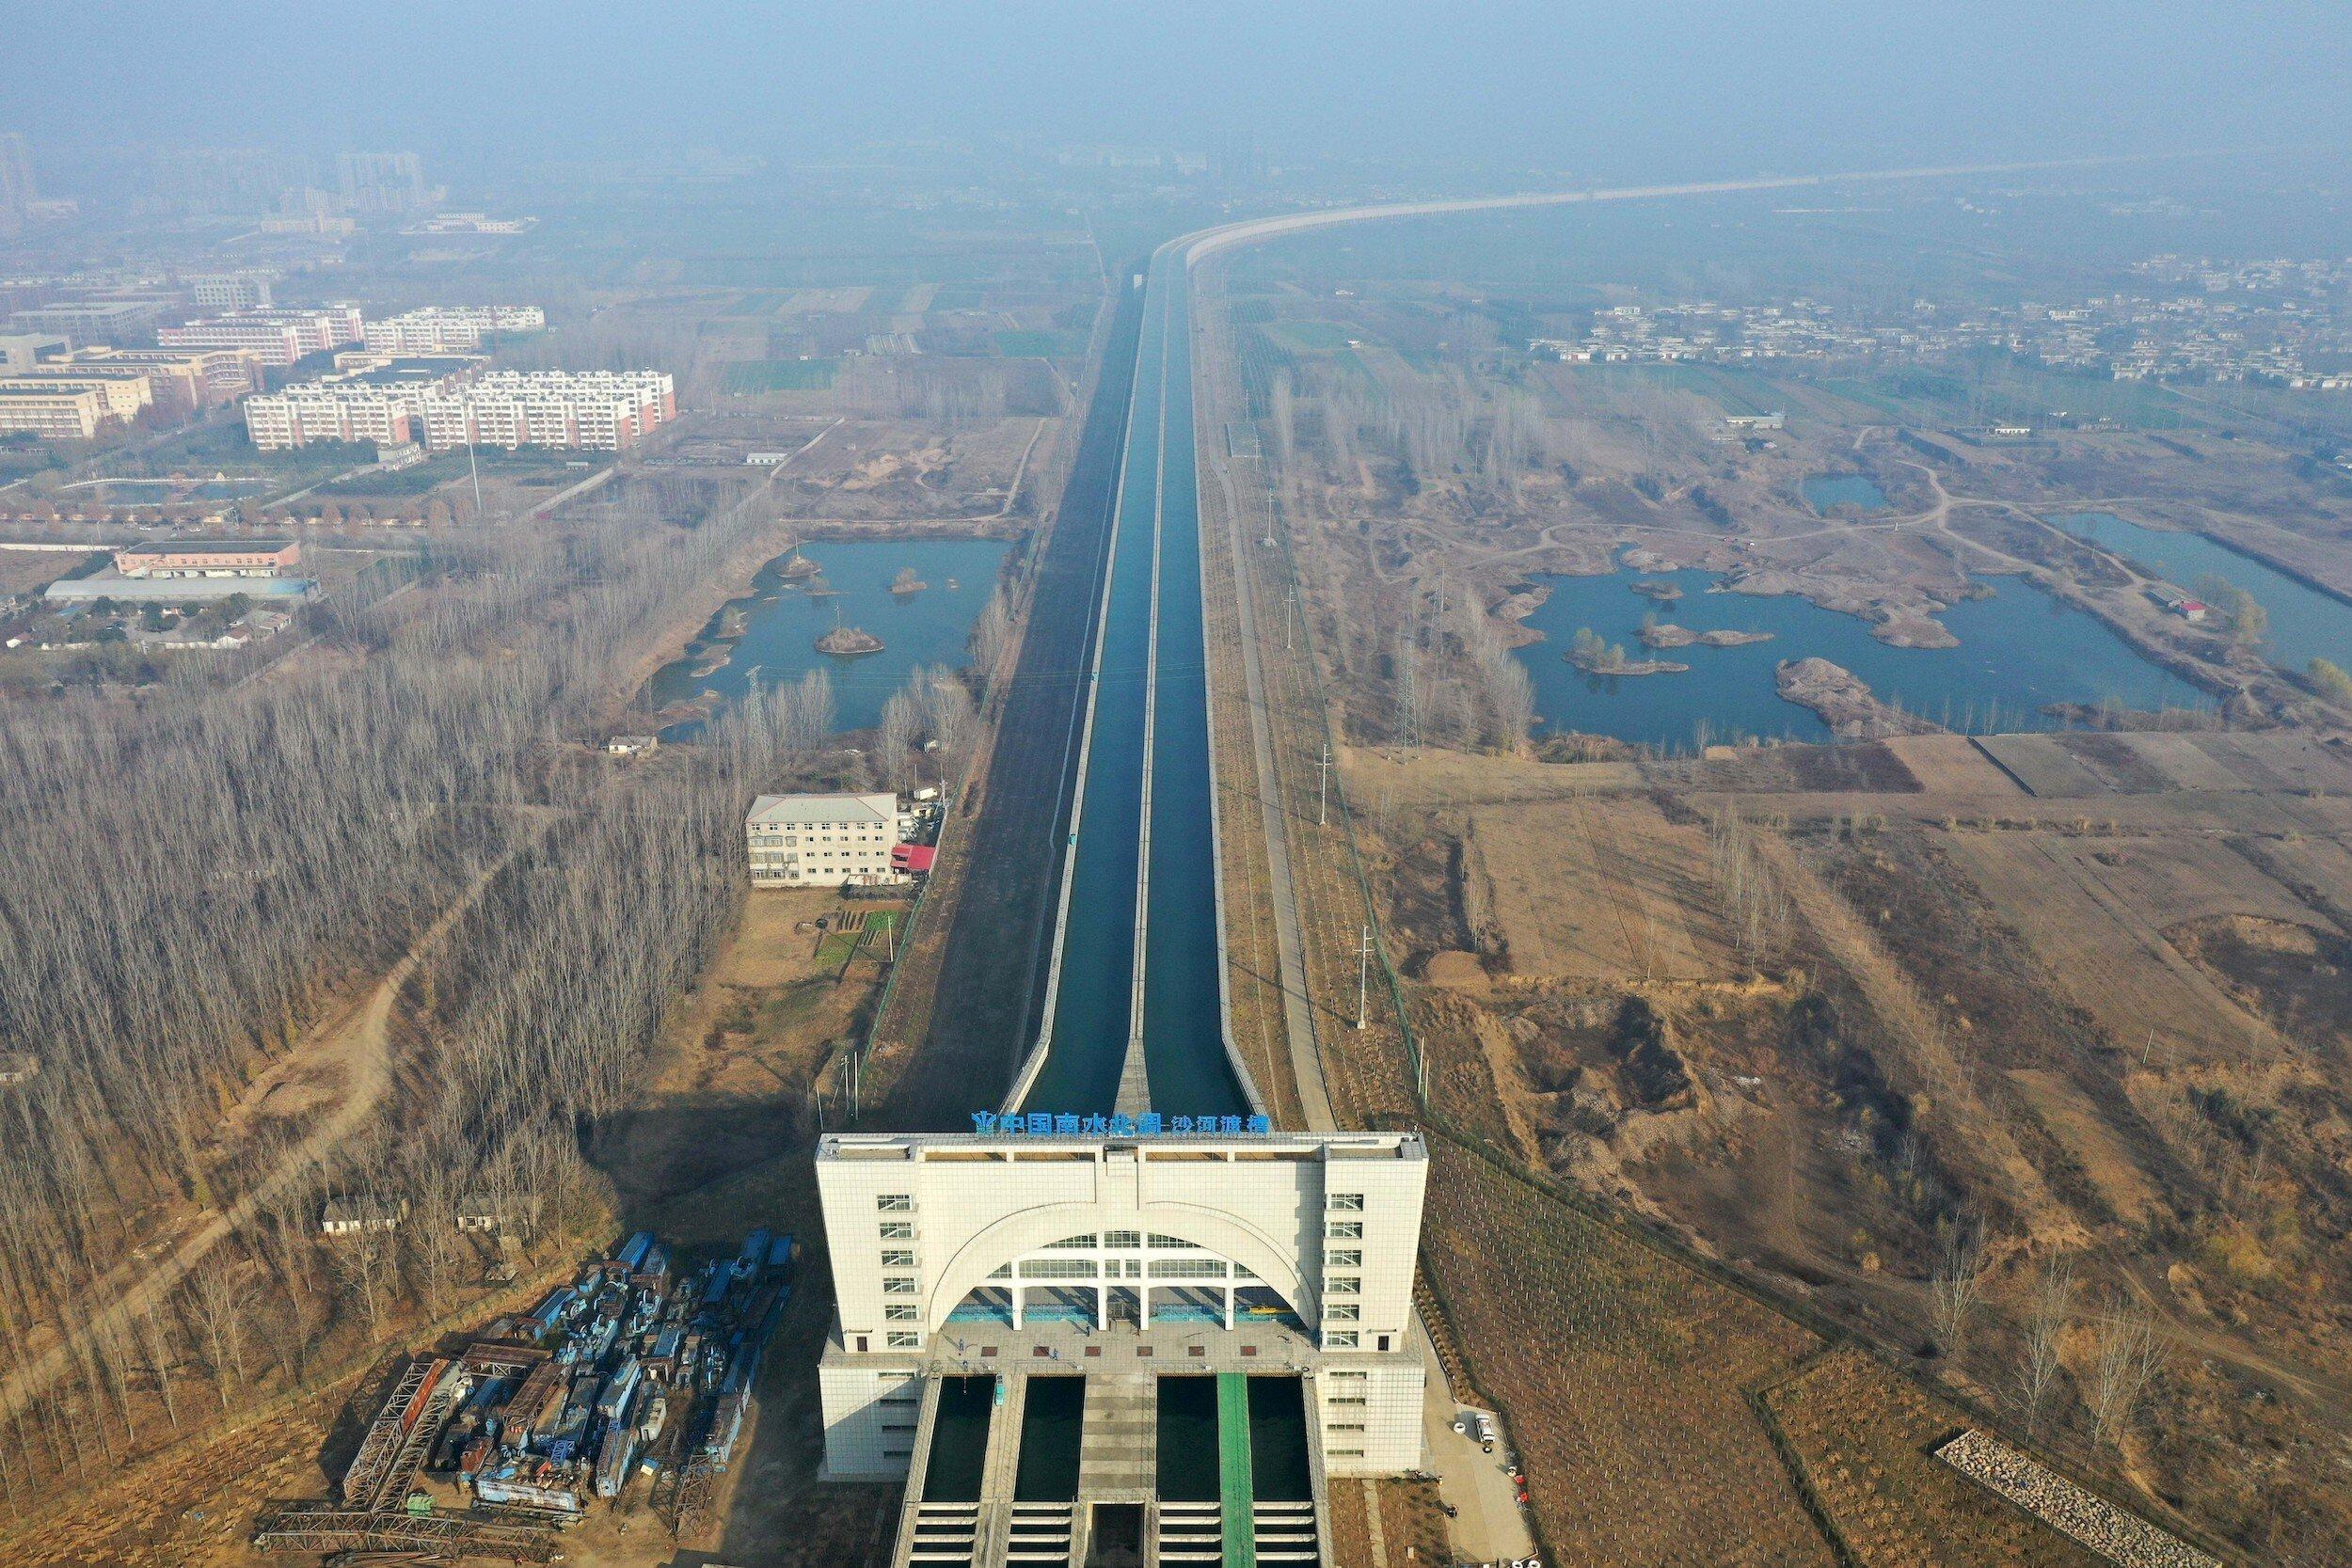 Luftaufnahme eines großen Kanals